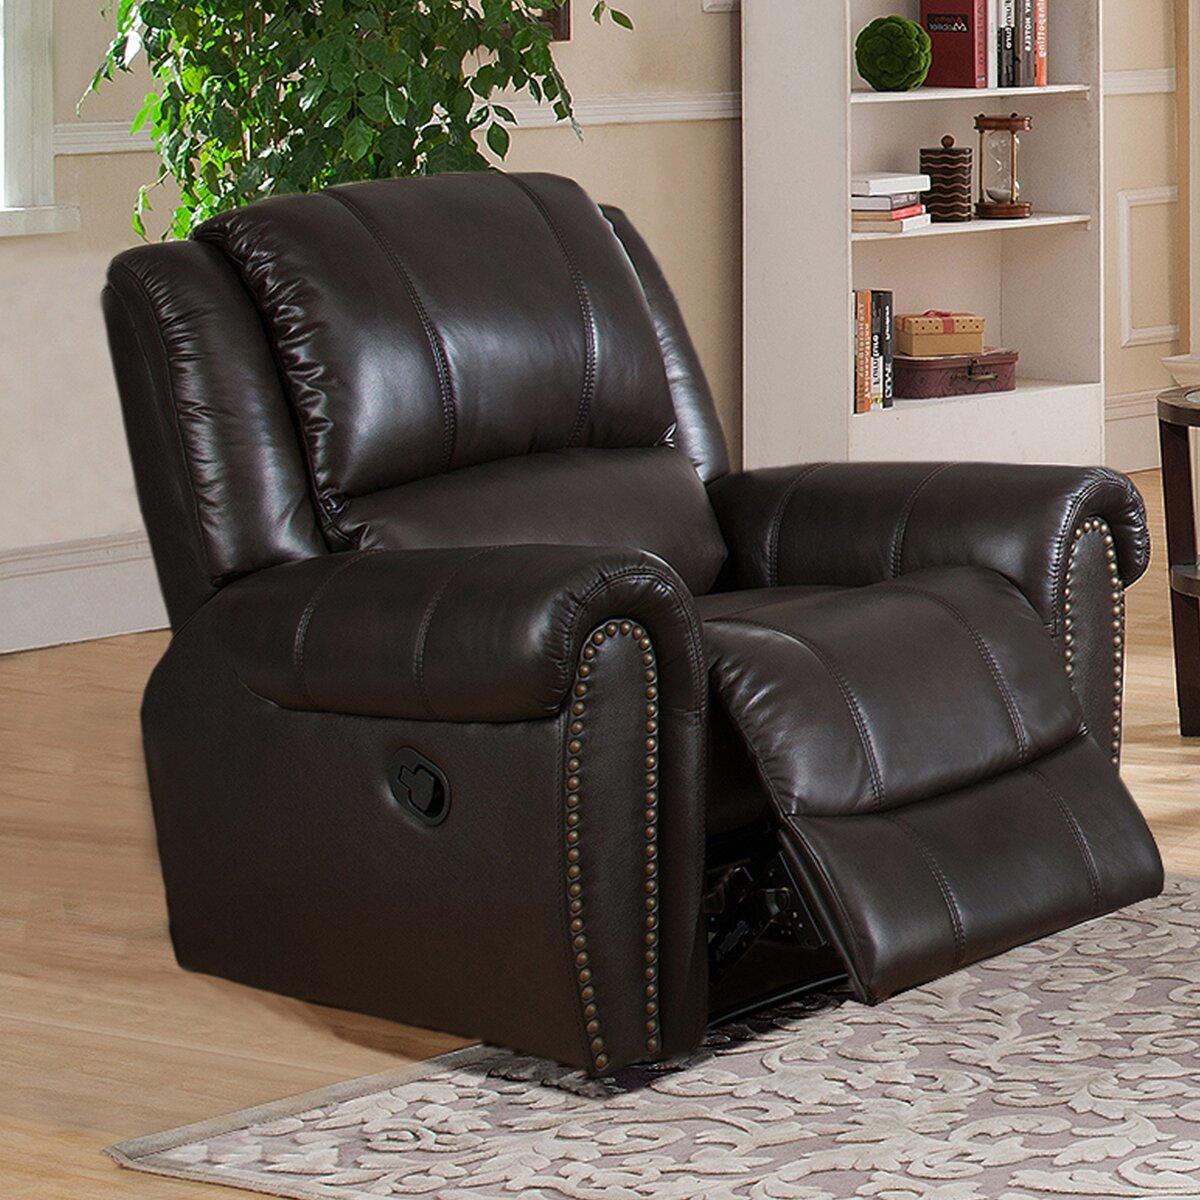 amax charlotte 3 piece leather recliner living room set. Black Bedroom Furniture Sets. Home Design Ideas